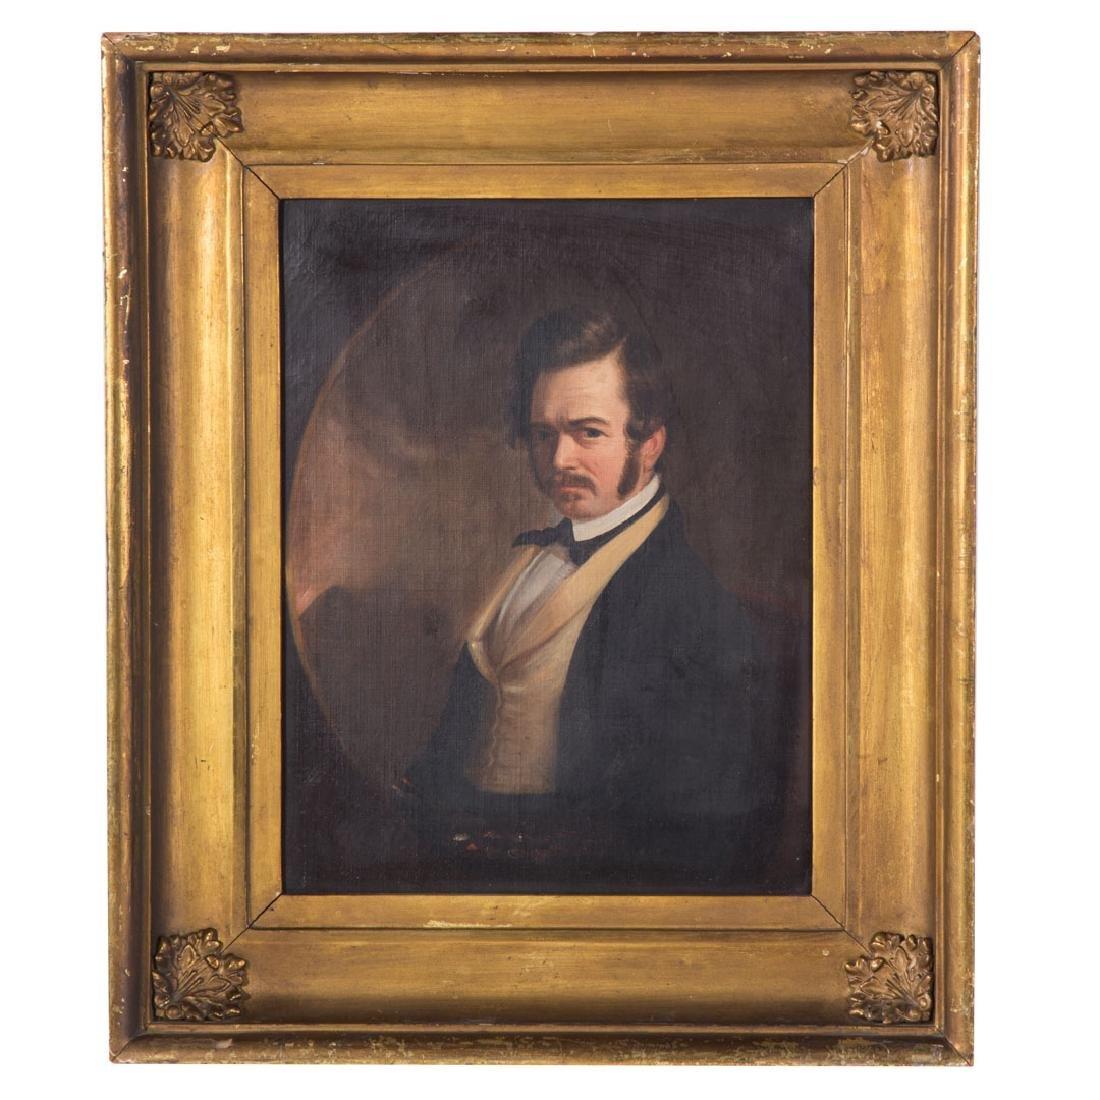 Attr. to William Hepburn. Self Portrait, oil